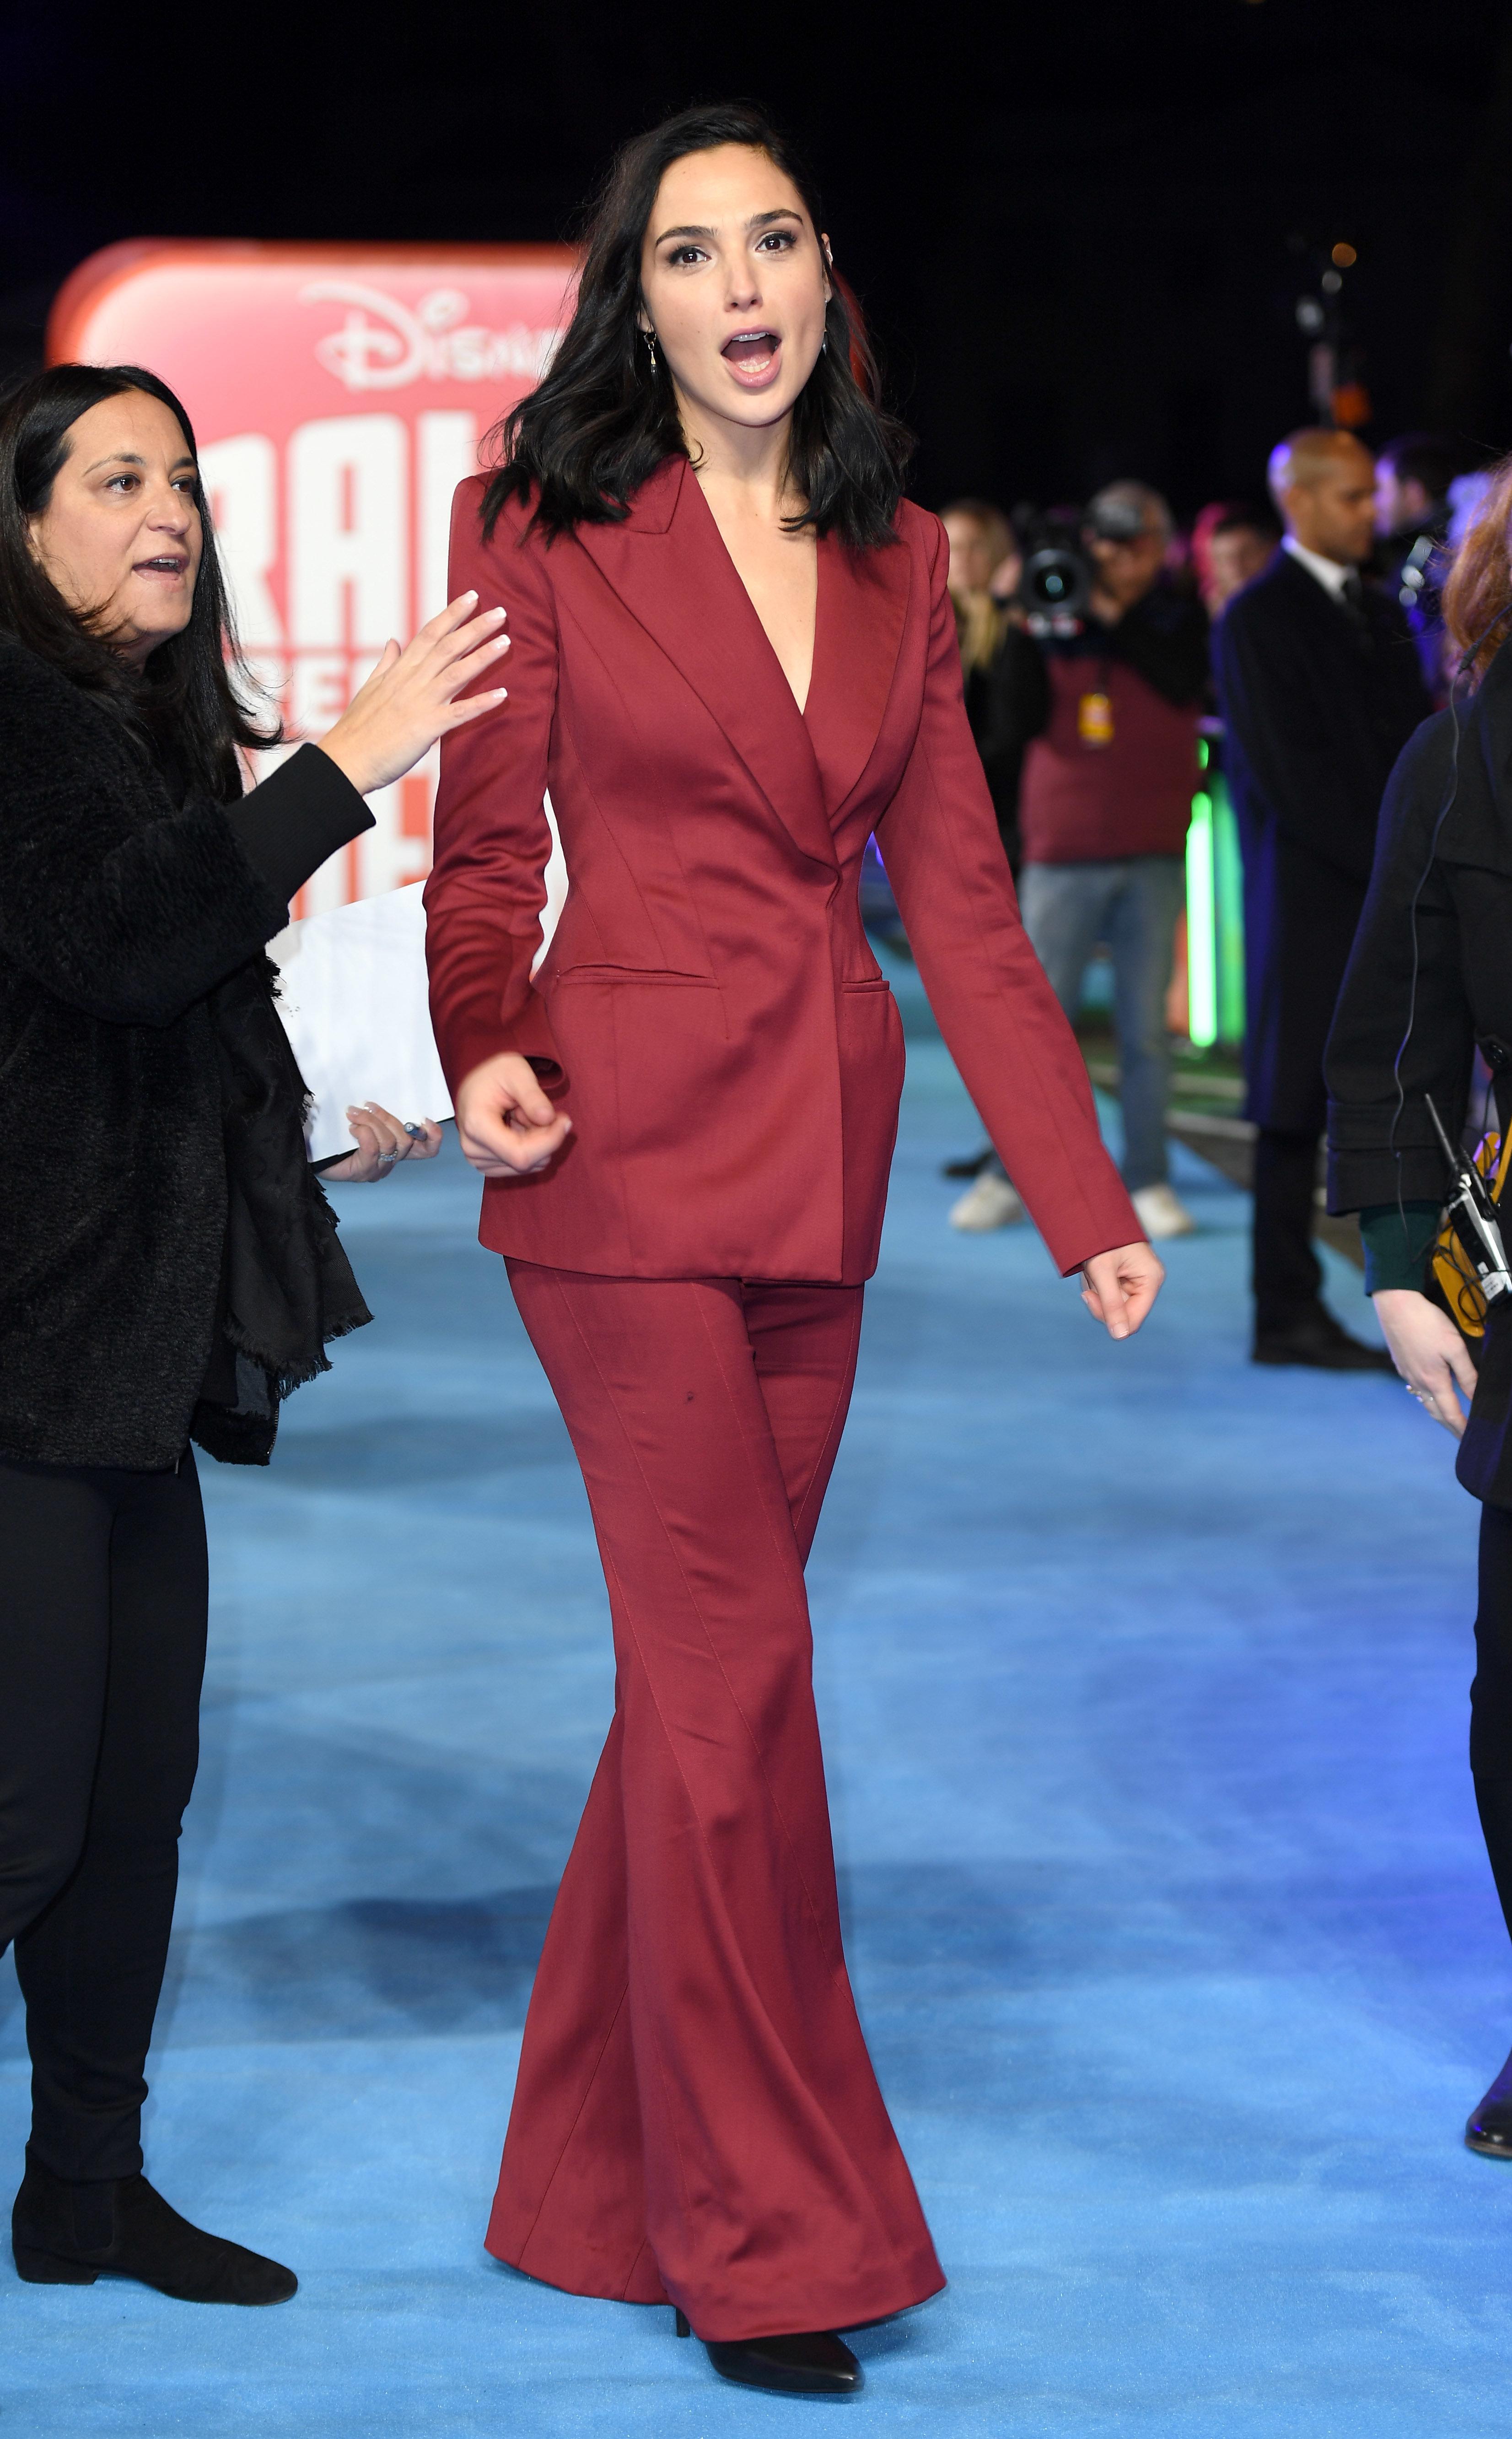 Wonder Woman εναντίον Νετανιάχου - Η ισραηλινή ηθοποιός Γκαλ Γκαντότ υπερασπίζεται τους